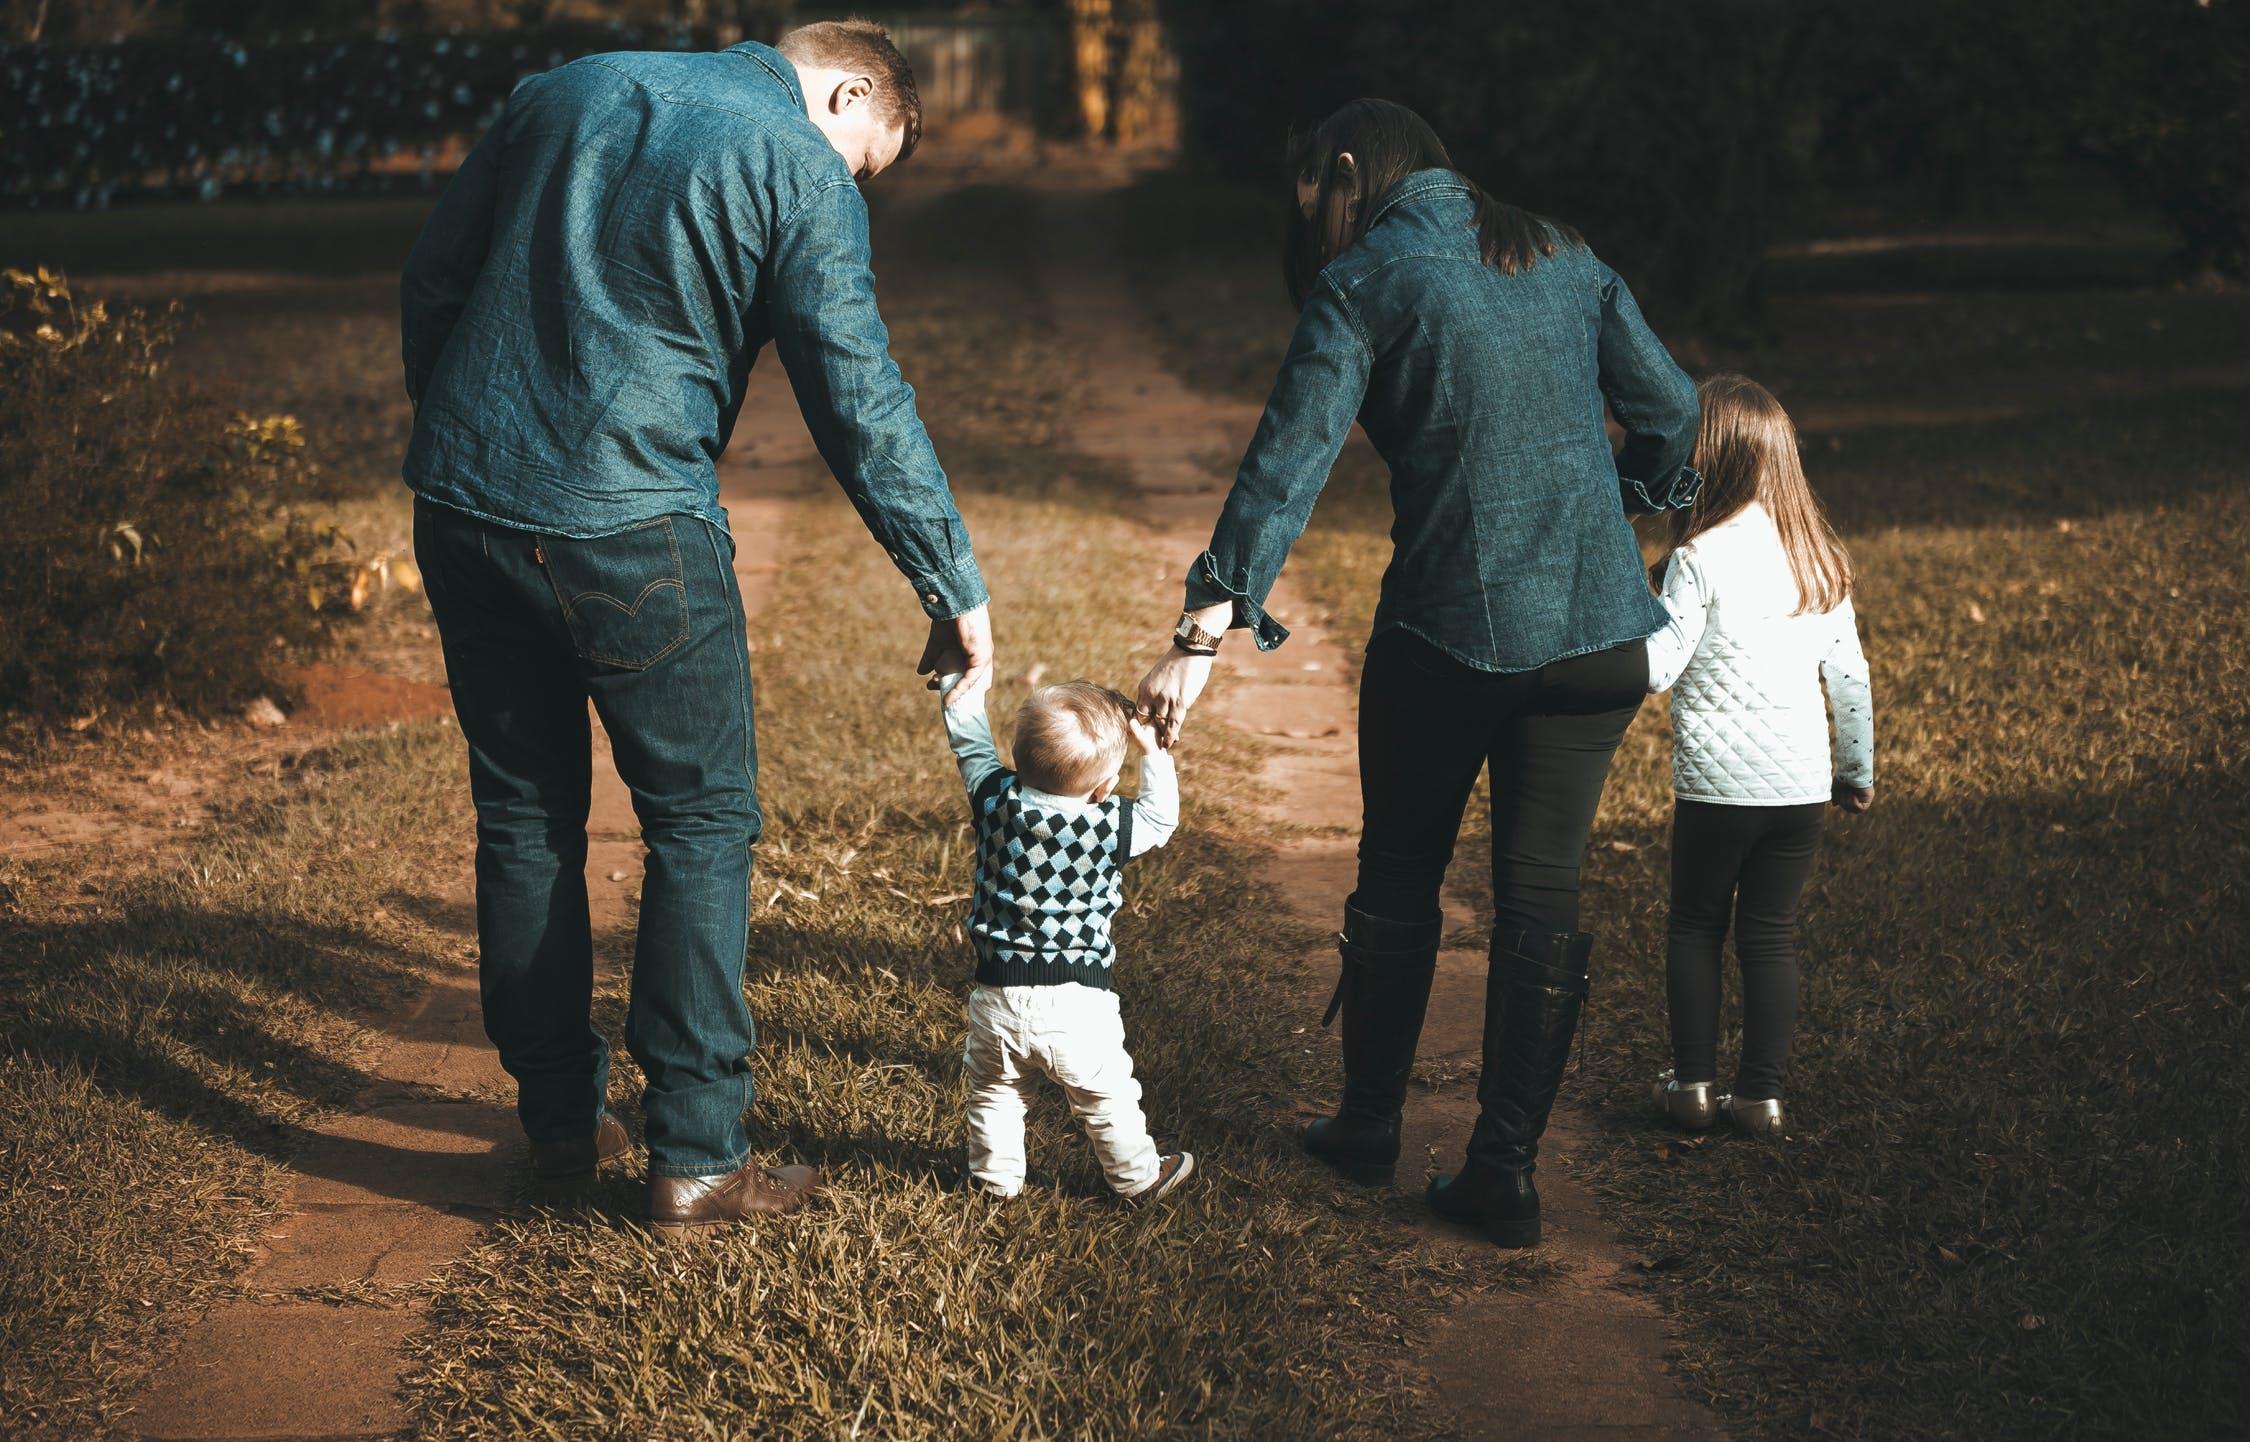 Выплаты на детей от 3 до 7 лет увеличили  - новости Афанасий